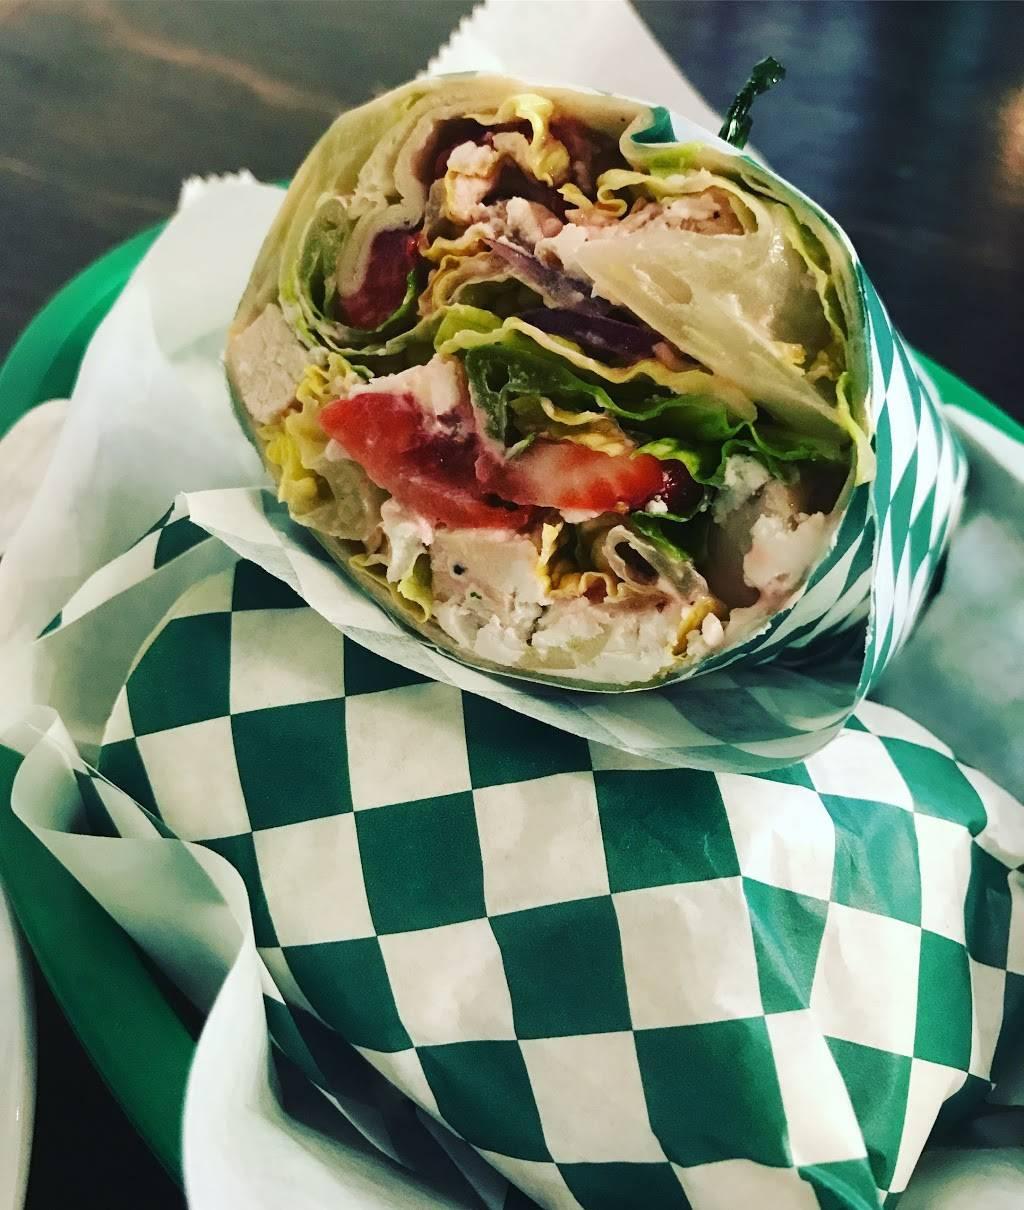 Lettuce | restaurant | 52957 Van Dyke Ave, Shelby Charter Twp, MI 48316, USA | 5864883737 OR +1 586-488-3737